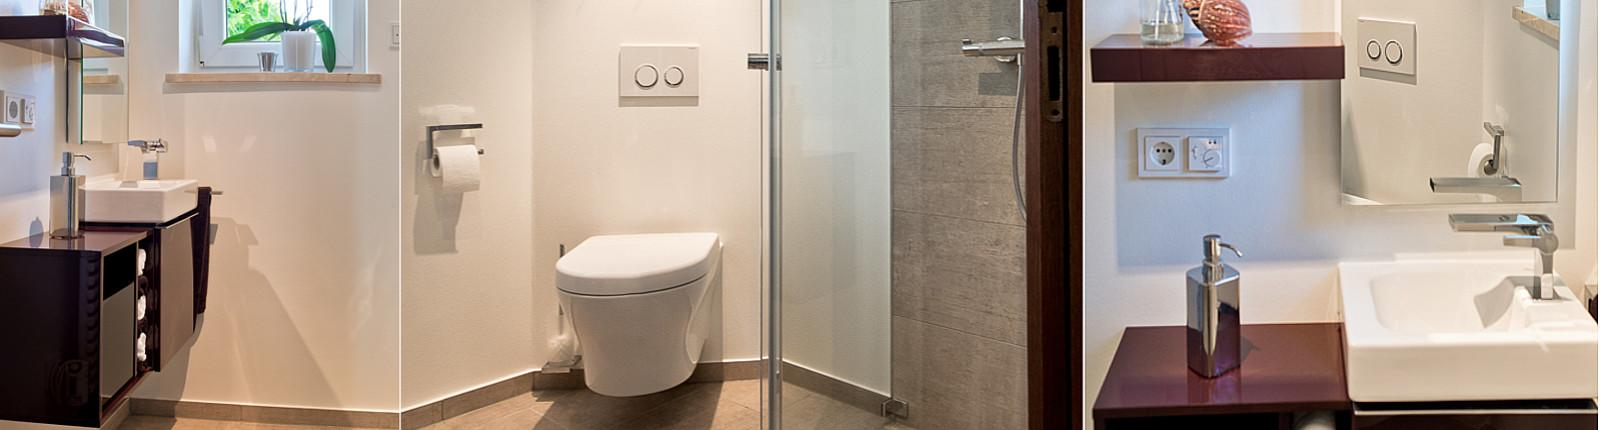 Dusche im Gäste-WC | Kreuz | Schnaittach | Bad, Heizung, Energie ...